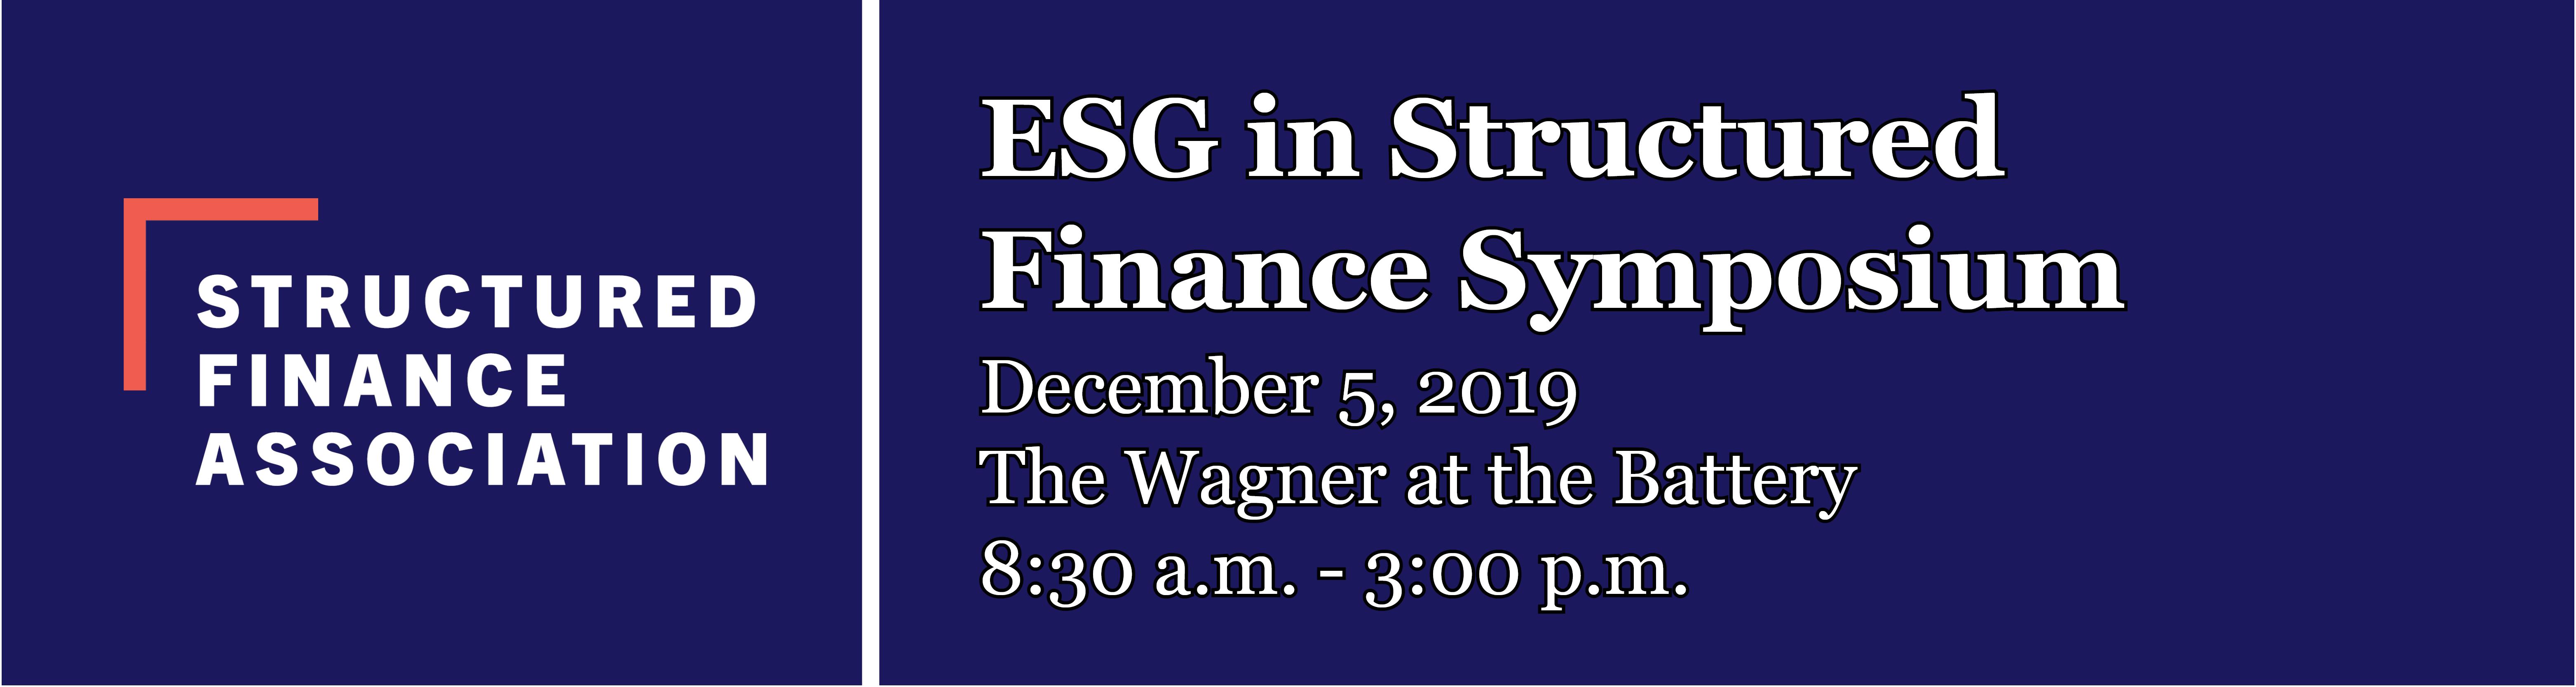 SFA ESG Symposium